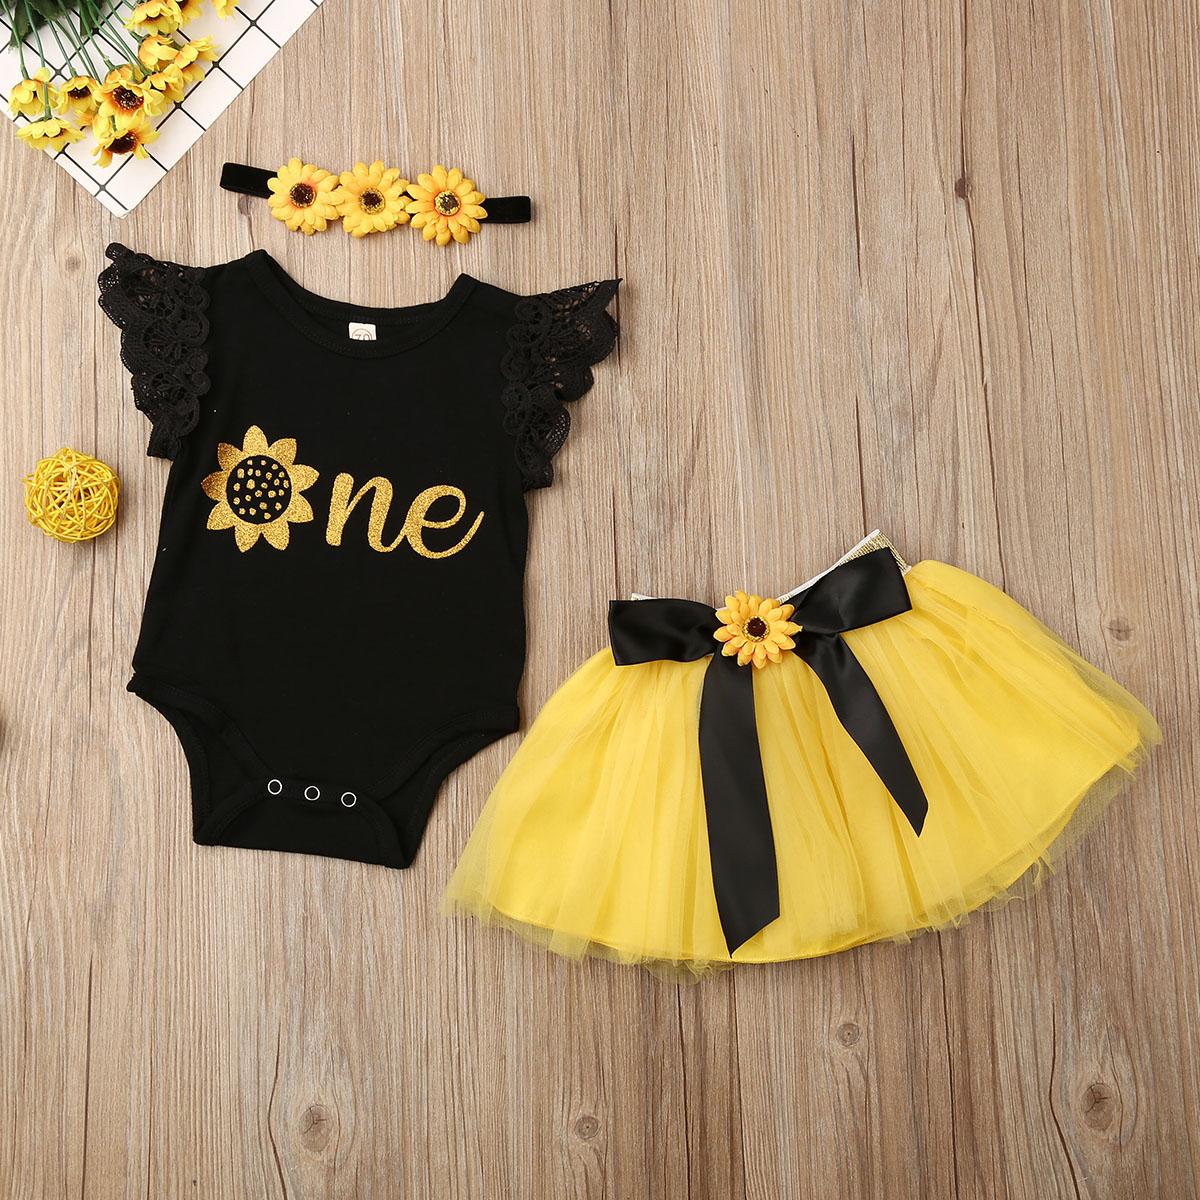 3Pcs תינוקת בגדי יילוד תחרה לפרוע שרוולים Romper חולצות בנות מיני טול חצאית בגימור תלבושות סט